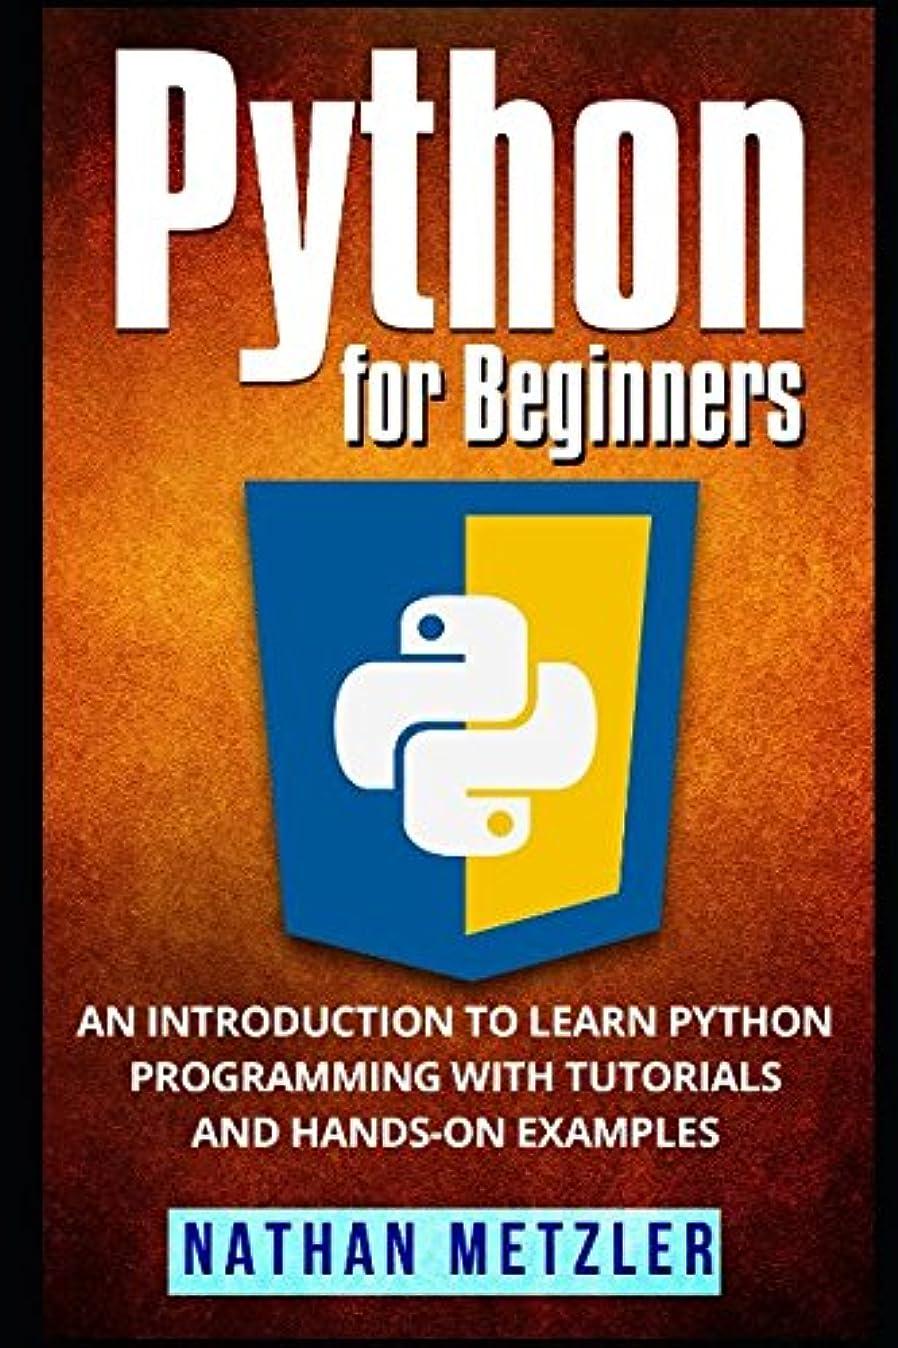 哲学める悲劇的なPython for Beginners: An Introduction to Learn Python Programming with Tutorials and Hands-On Examples